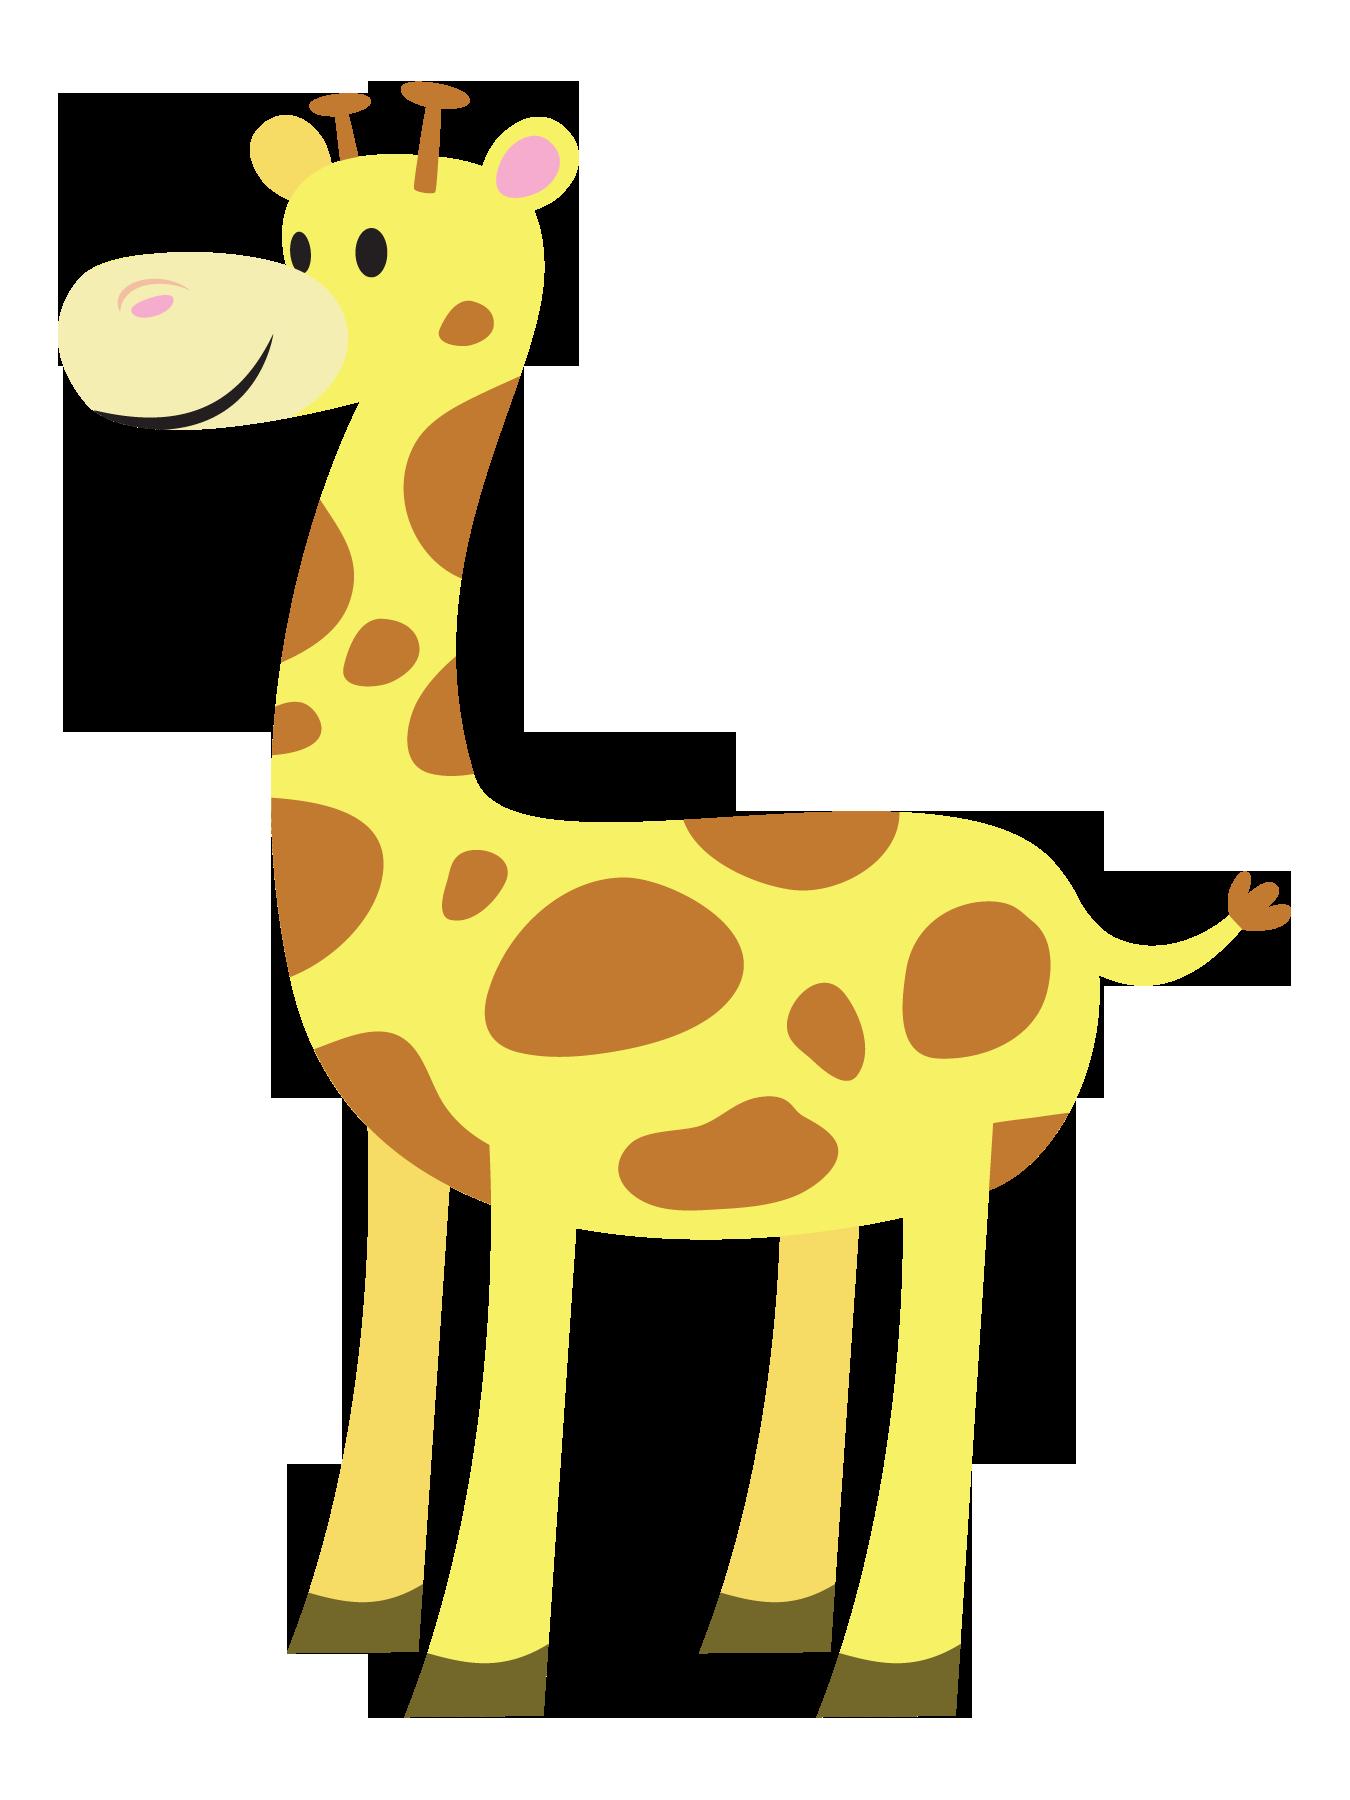 Giraffe Cartoon Images - ClipArt Best